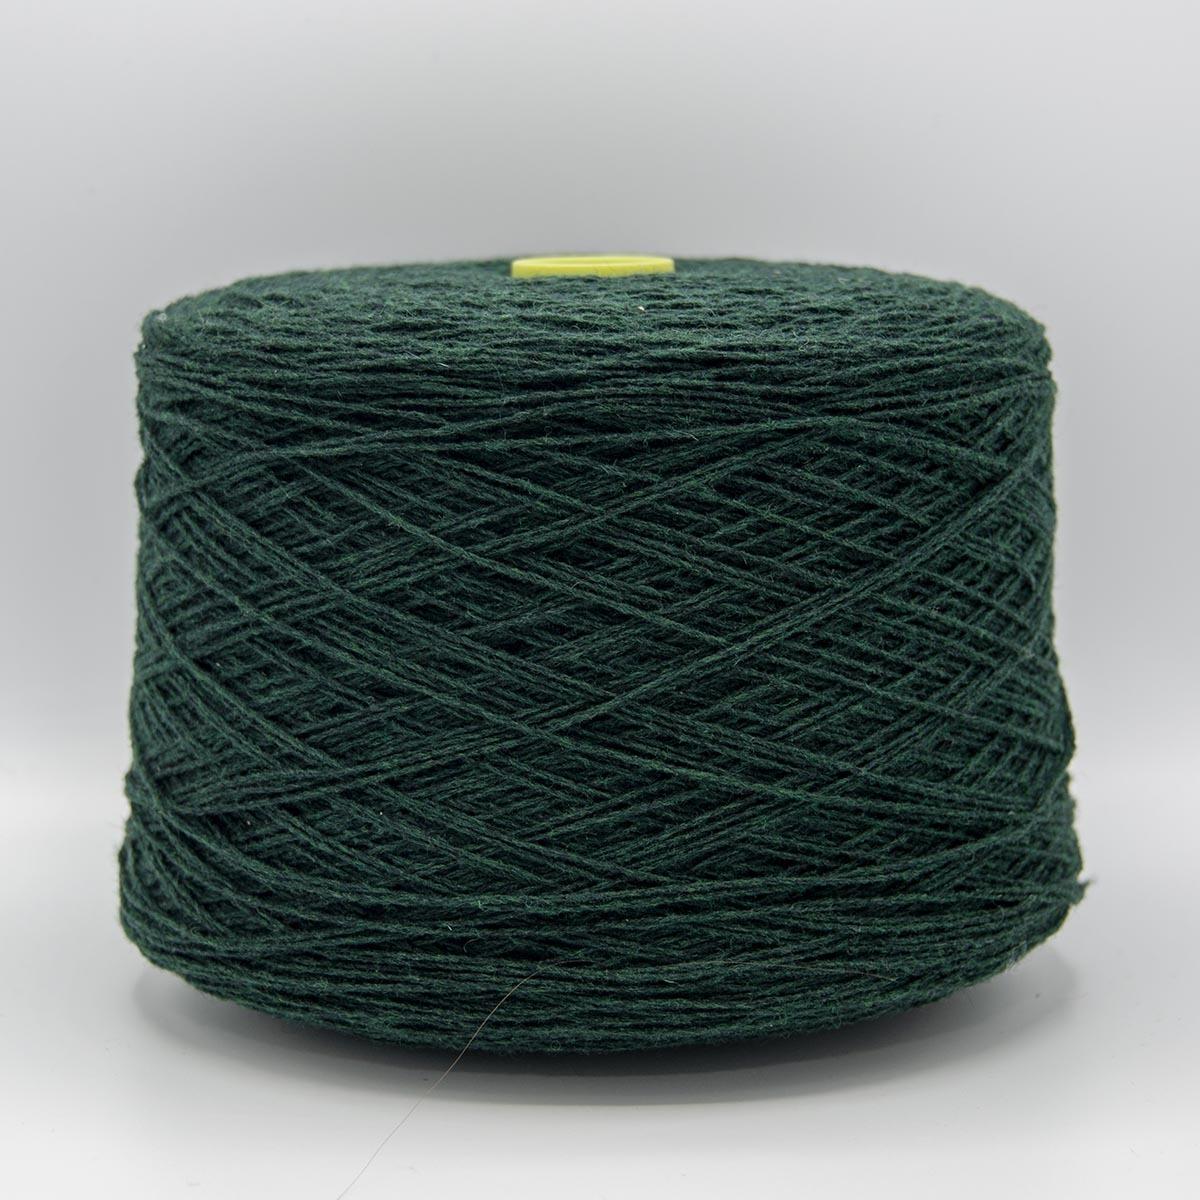 Knoll Yarns Lambswool - 294